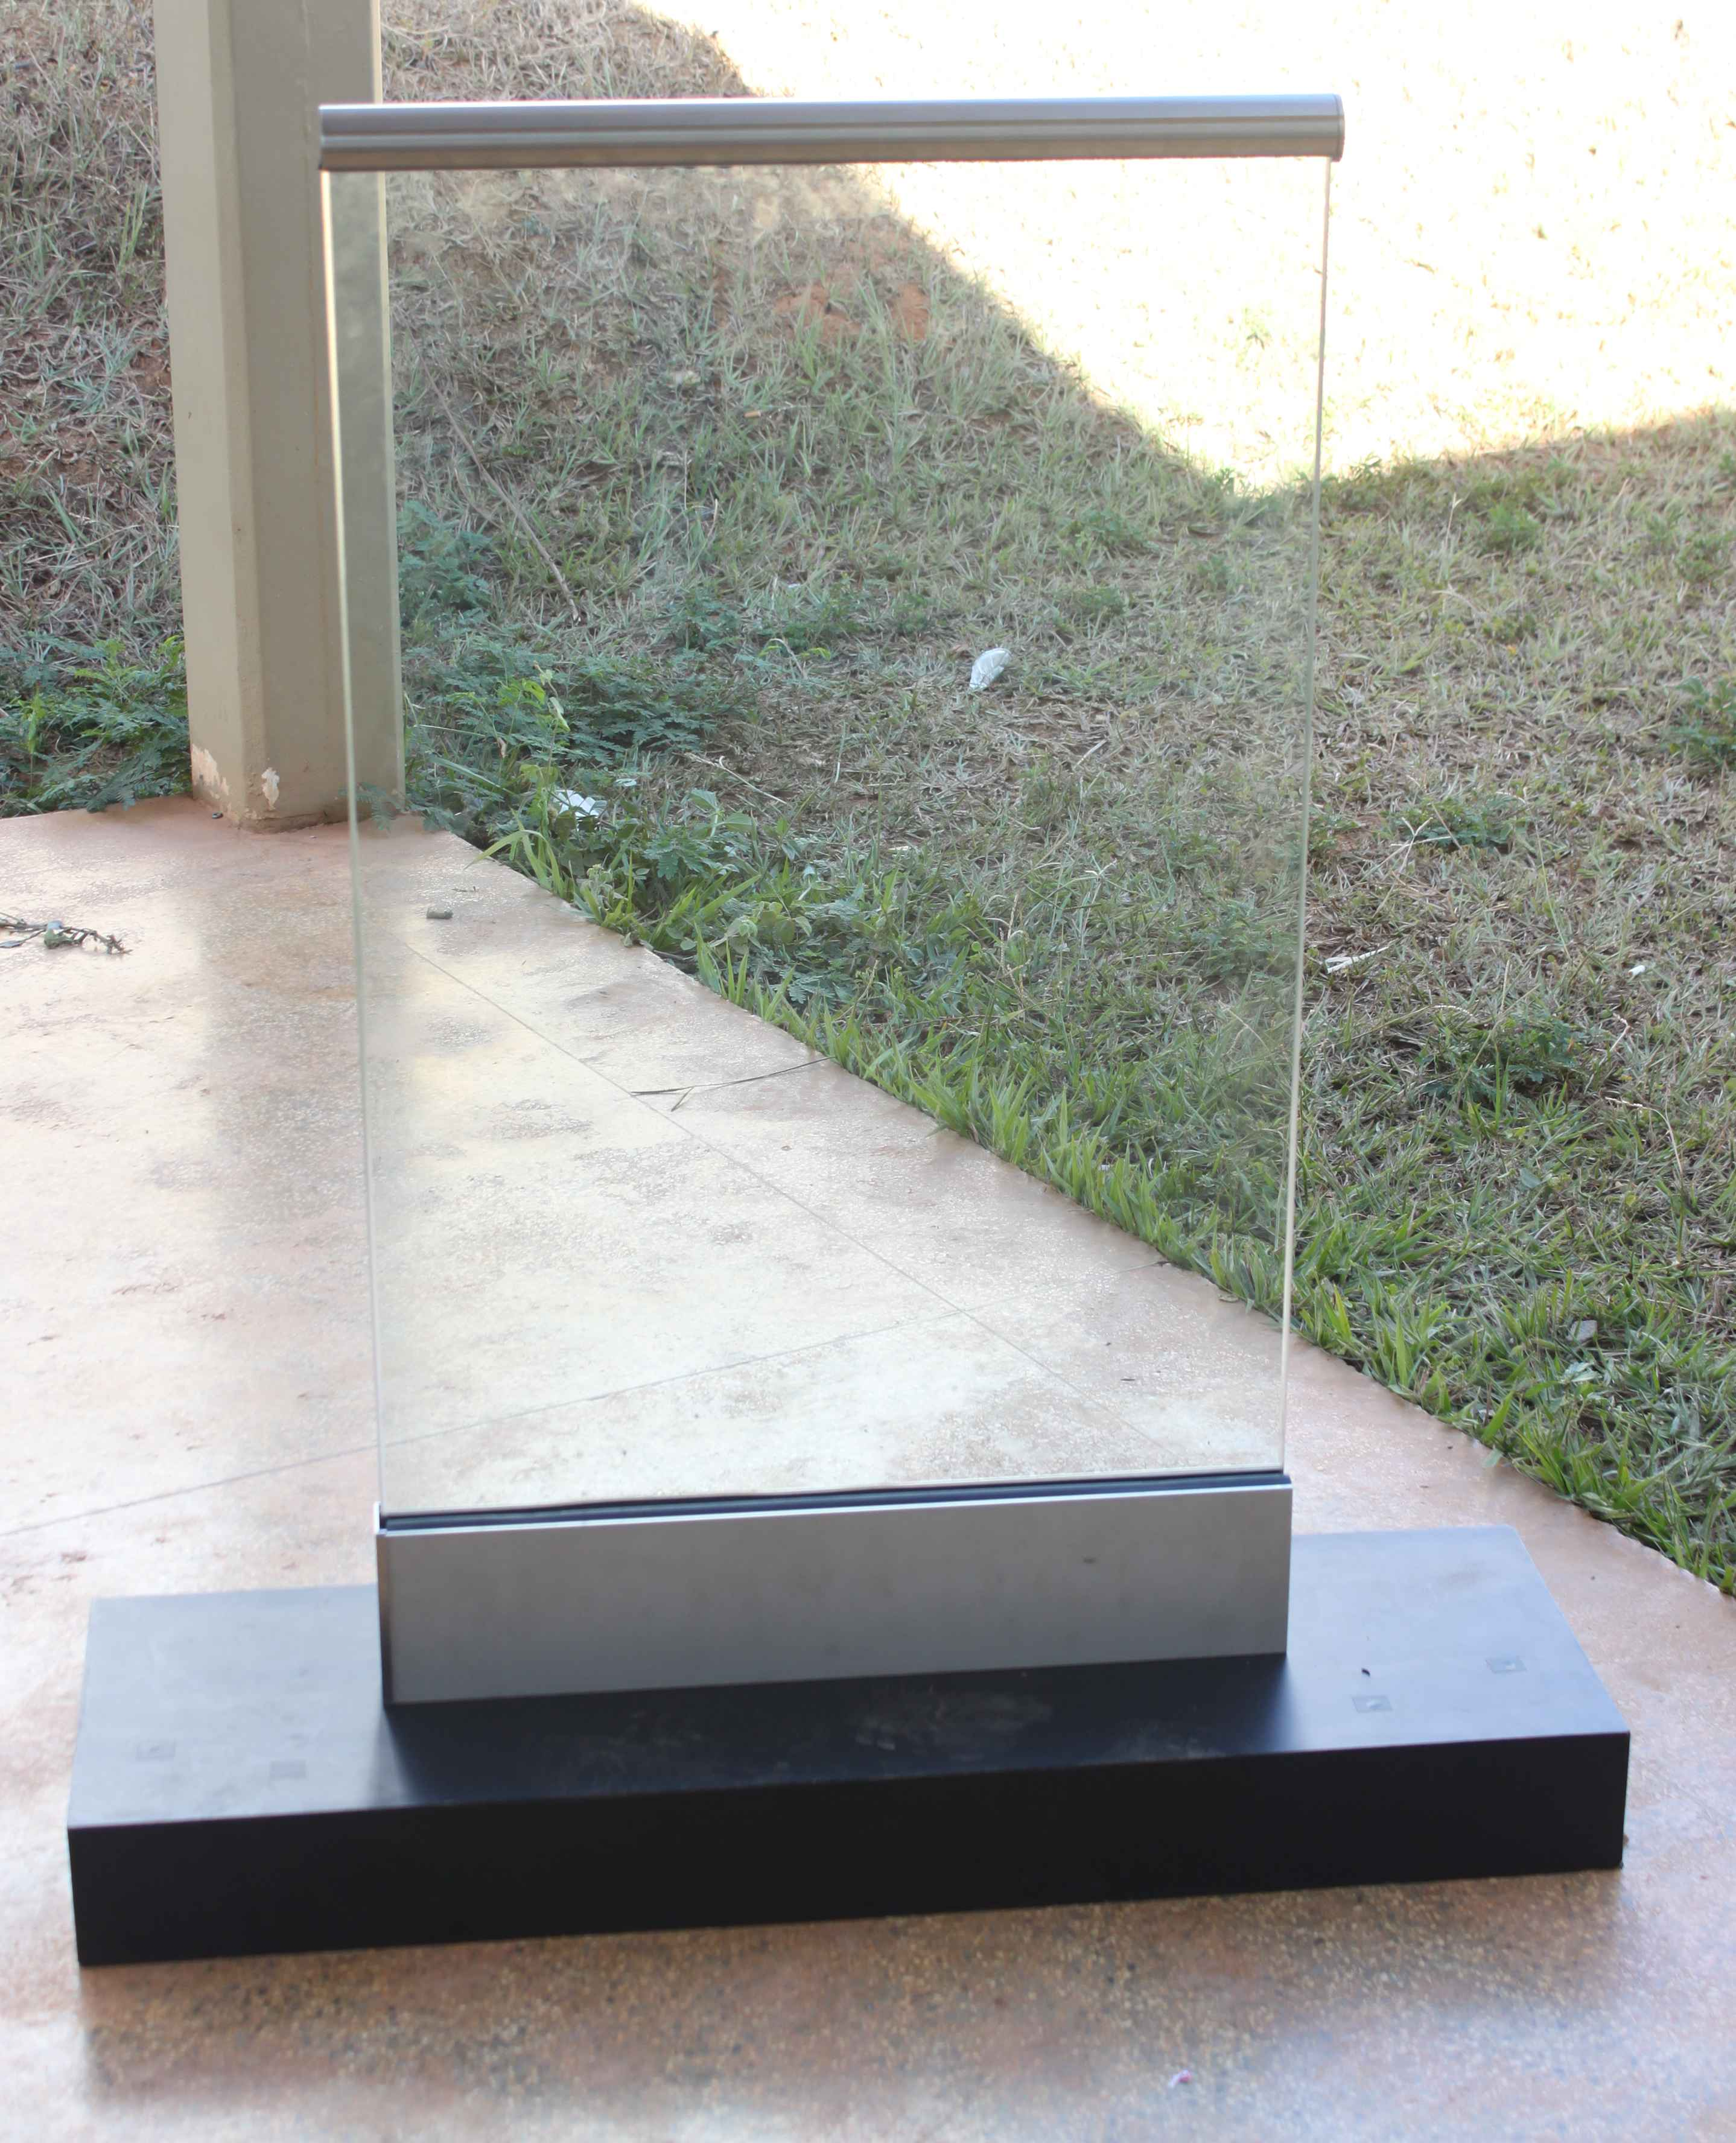 #496082 Vidro Temperado Guarda Corpo Varanda Sacada Vidro Temperado Escada  1572 Vidros E Janelas Bh